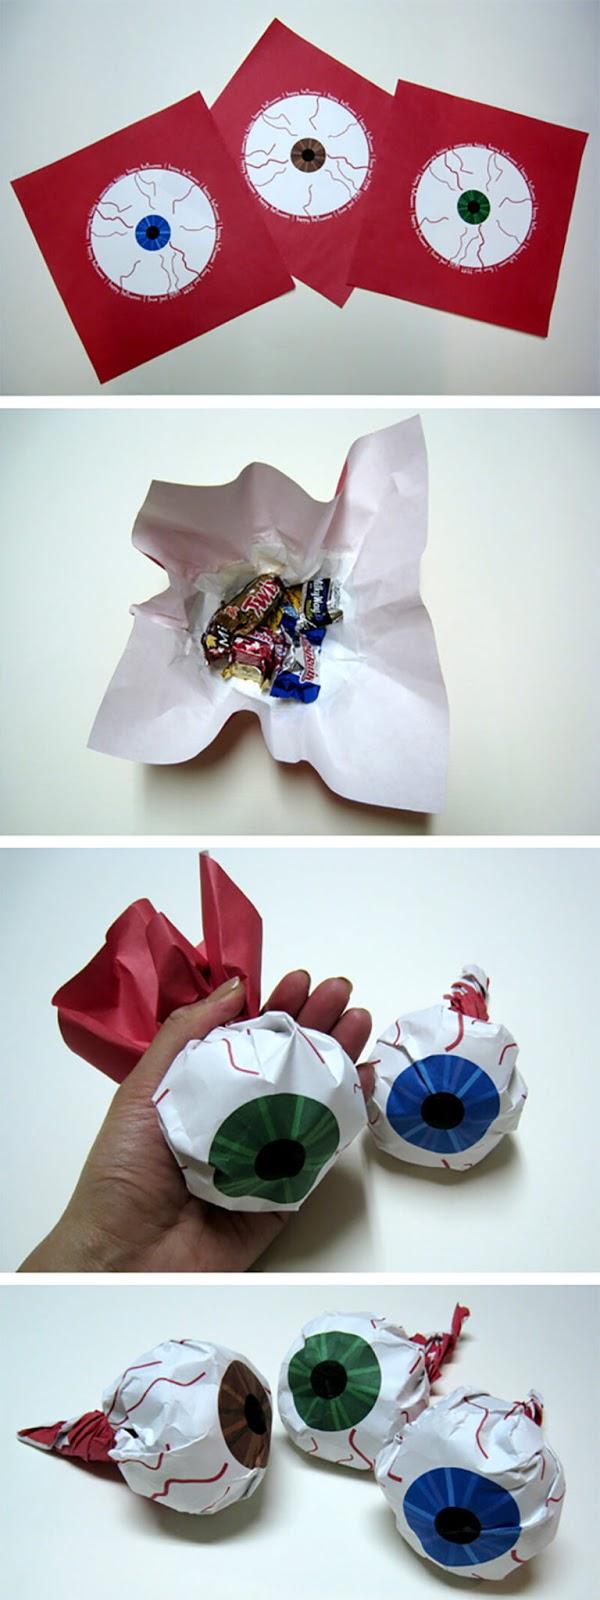 """для детей, конфеты, Новый год, Хэллоуин, конфеты на Хэллоуин, упаковка на Хэллоуин, подарки новогодние, подарки Рождественские, упаковка конфет, упаковка подарков, подарки паздничные, оформление конфет, сюрприз из конфет, упаковка своими руками, красивая упаковка конфет, оригинальная упаковка, упаковка сладостей, сладости для детских праздников,""""Глаз"""" - упаковка конфет на Хэллоуин http://handmade.parafraz.space/"""